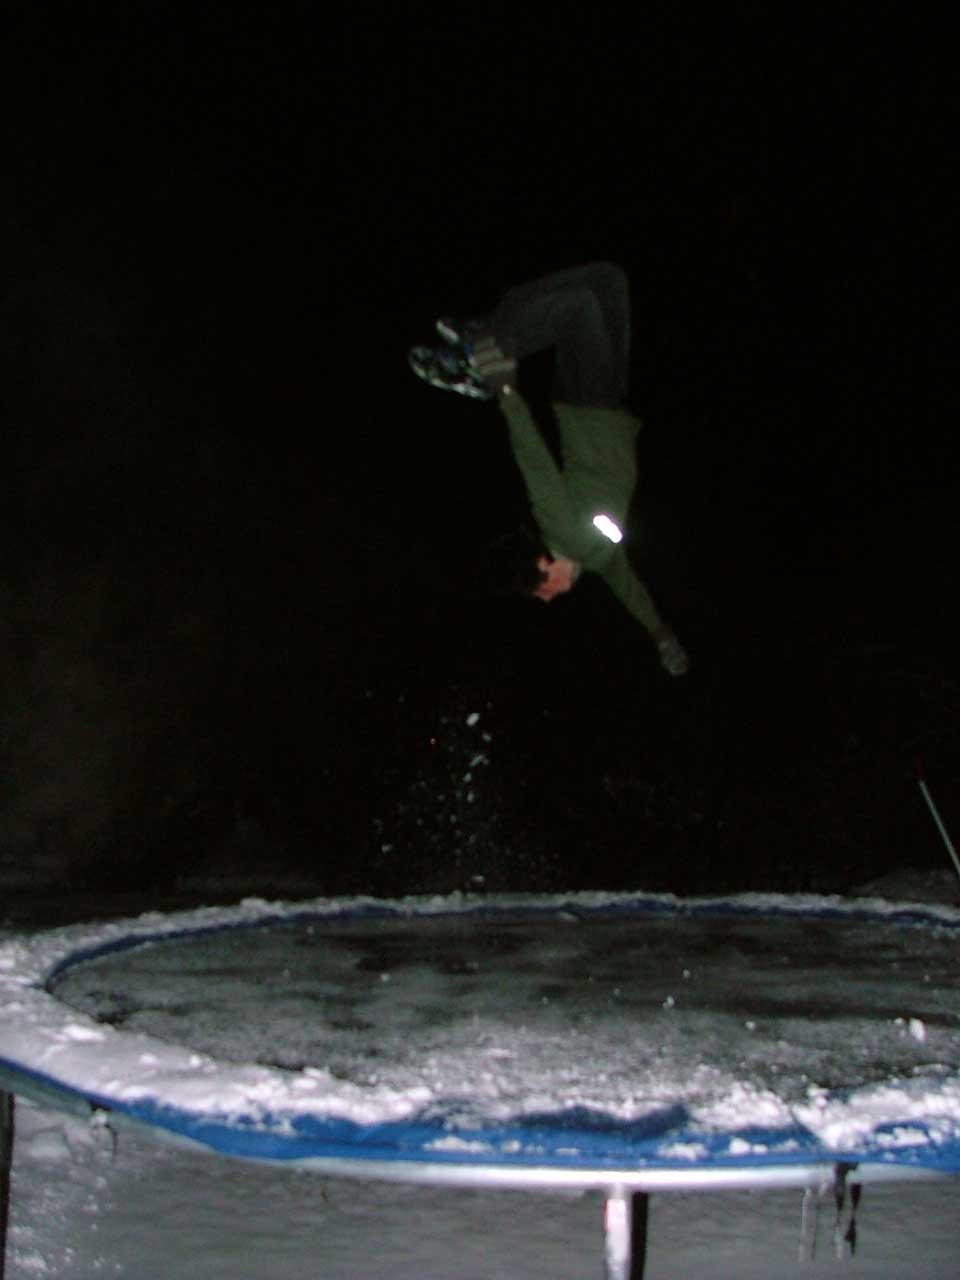 Snowy lincoln loop